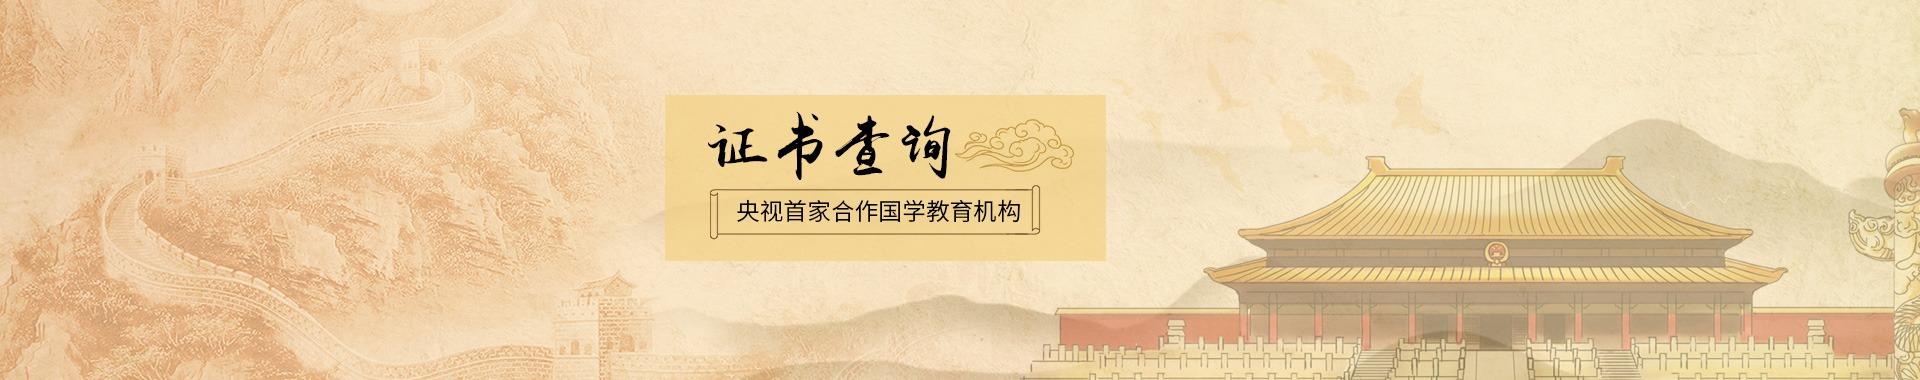 中管院·周易文化教育中心证书查询